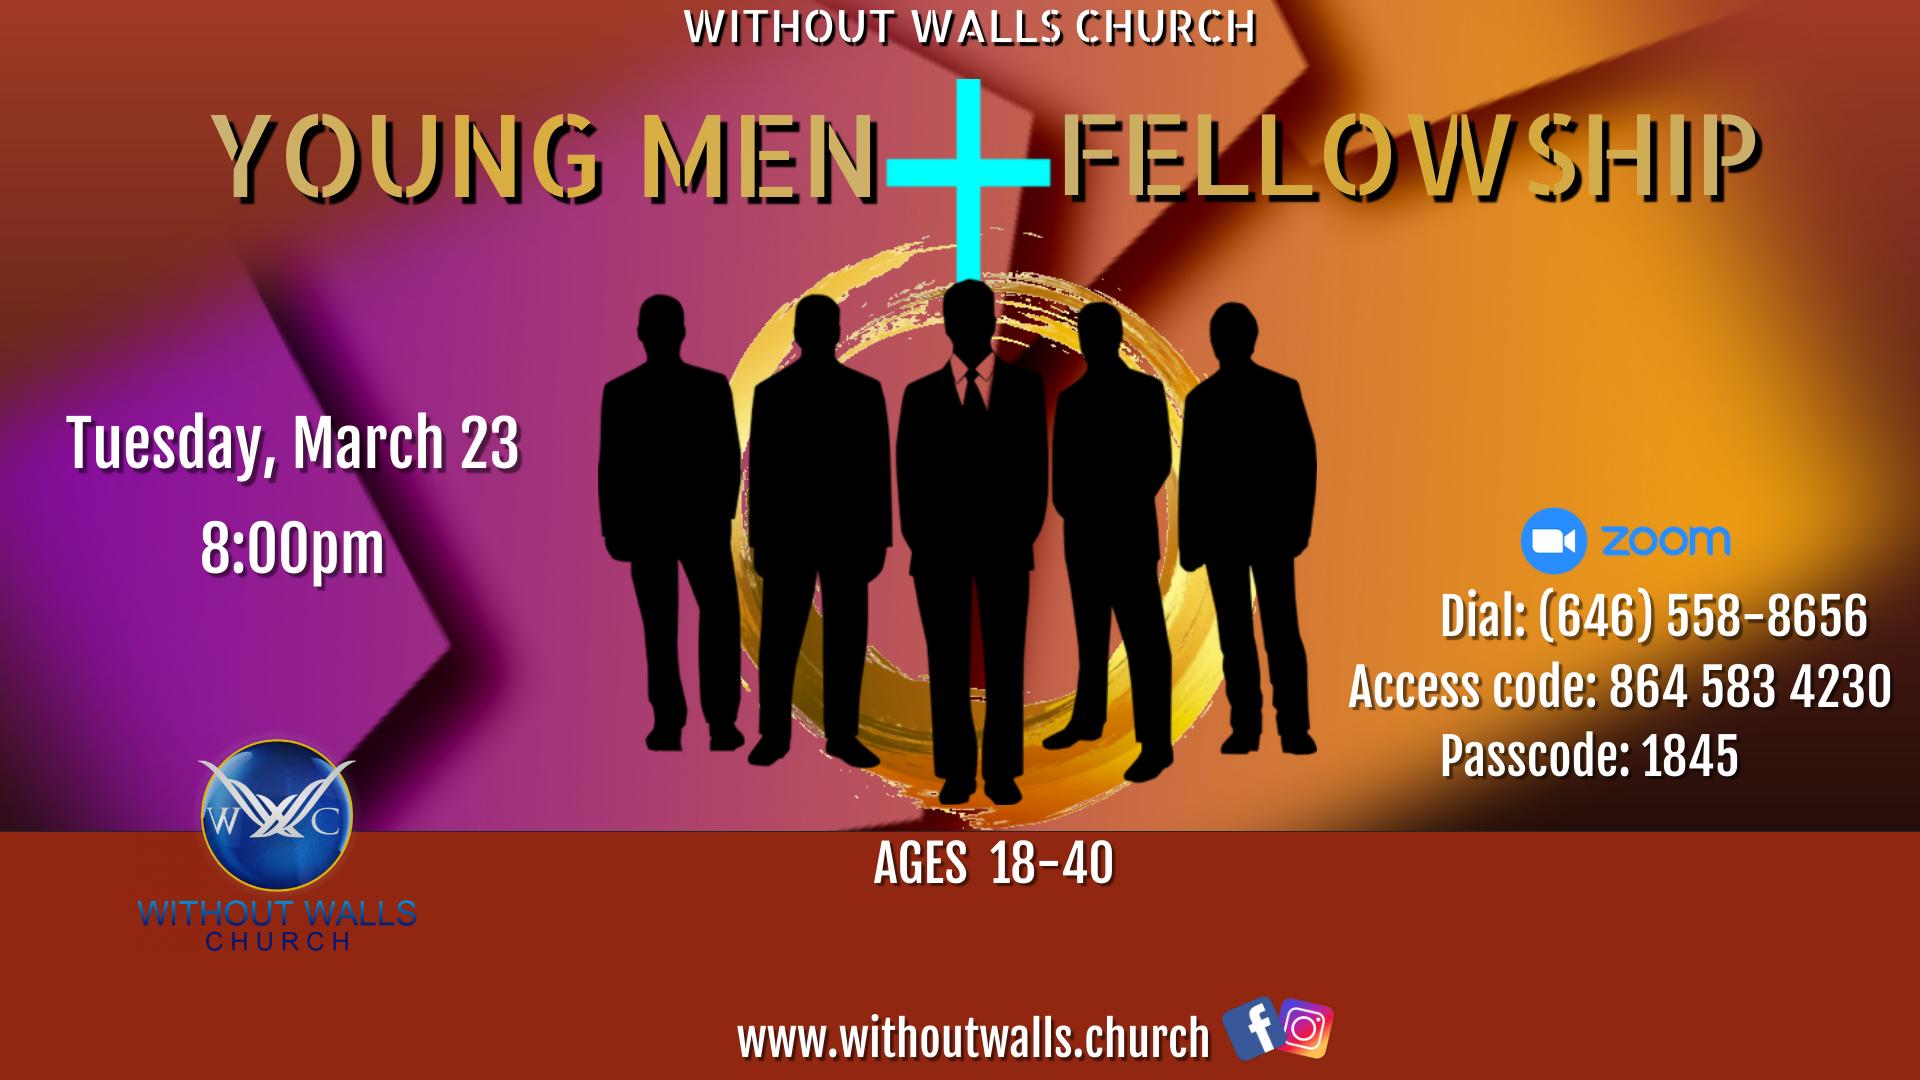 Young Men's Fellowship